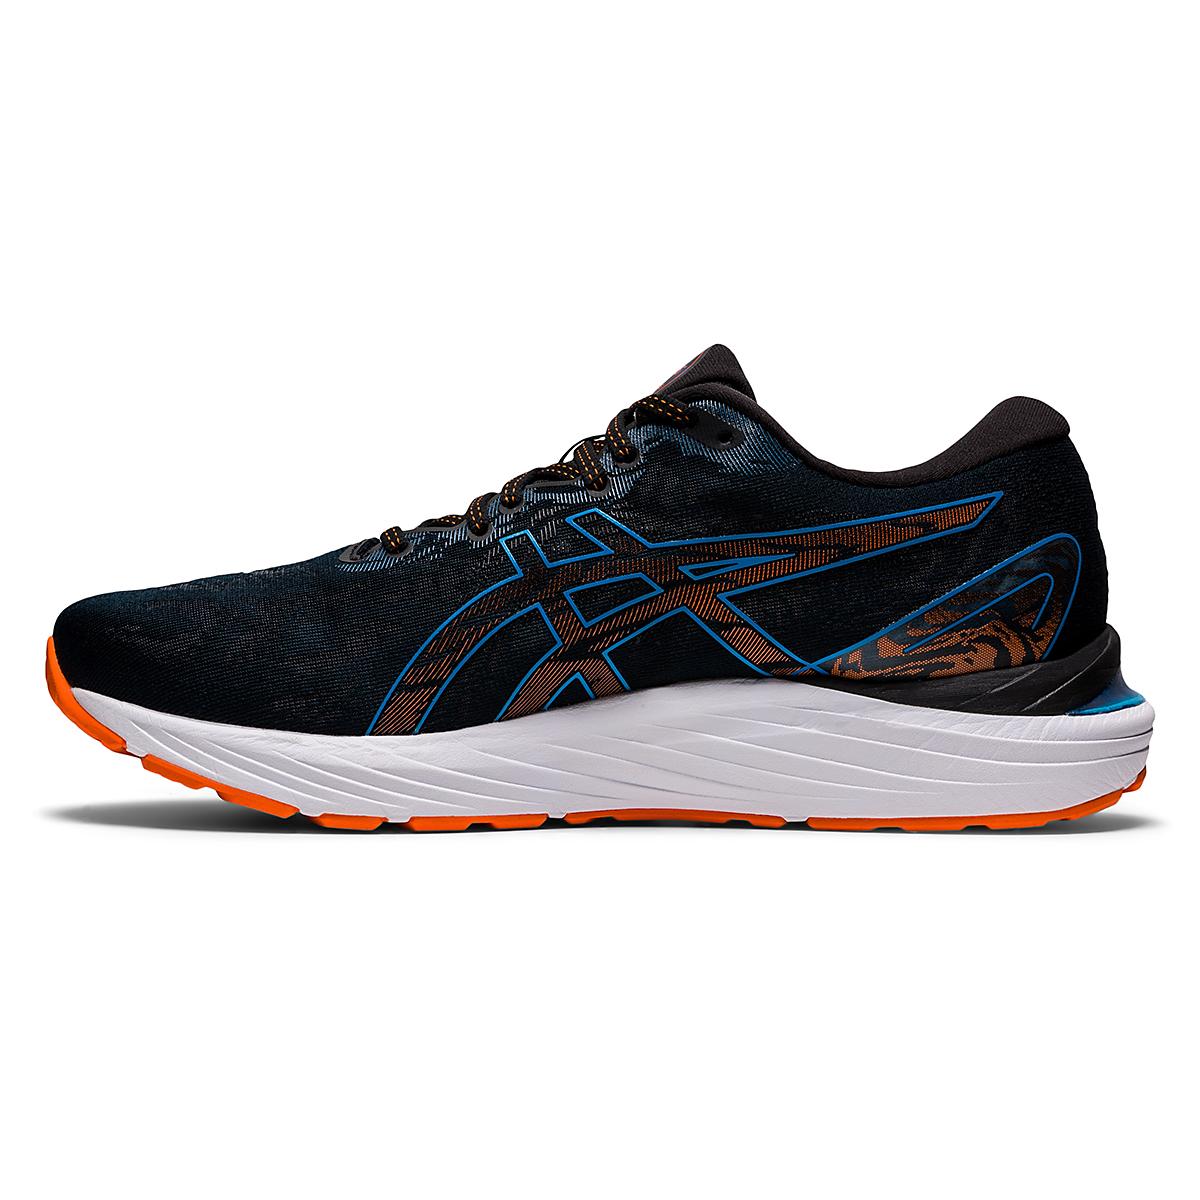 Men's Asics Gel-Cumulus 23 Running Shoe - Color: Black/Reborn Blue - Size: 6.5 - Width: Regular, Black/Reborn Blue, large, image 2